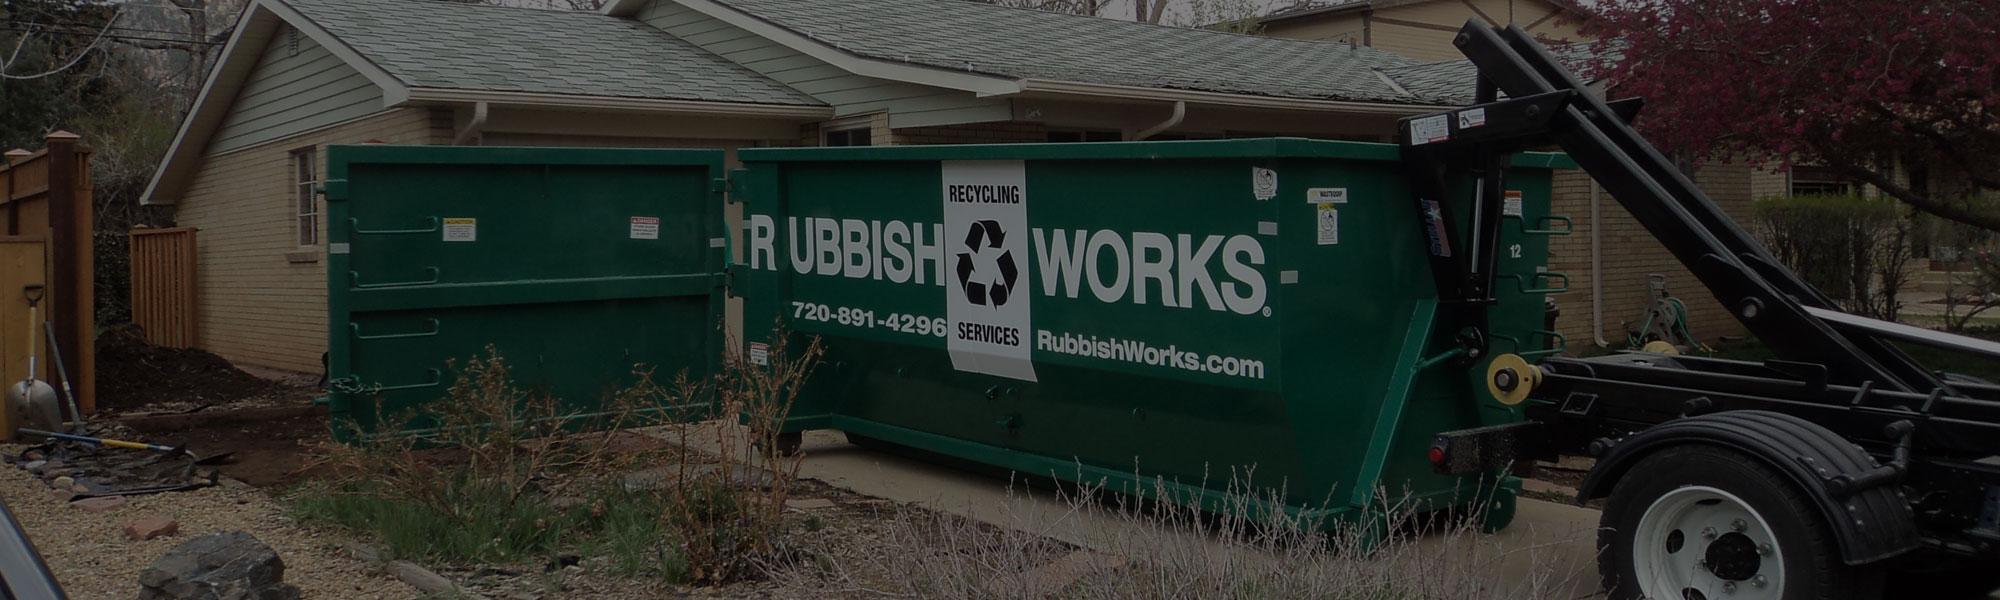 dumpster-rental-services